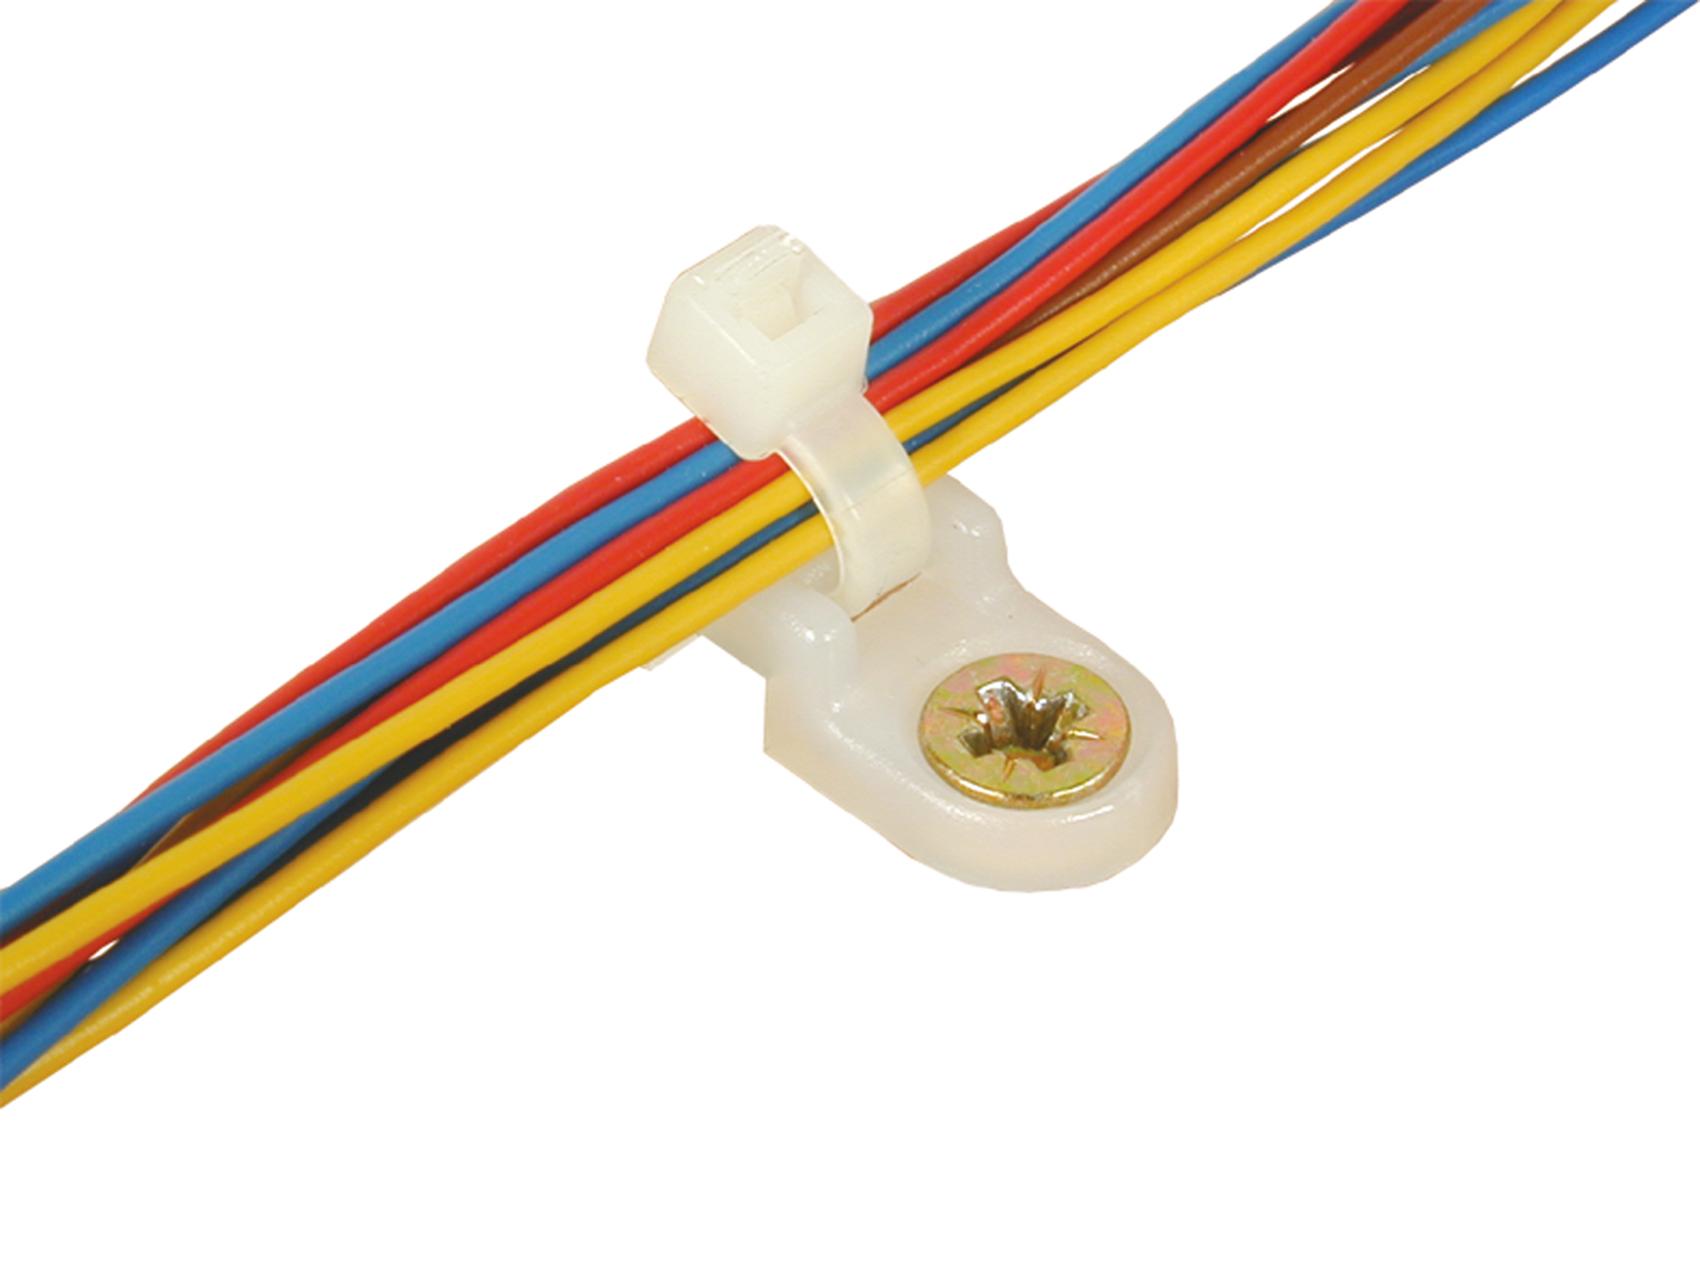 Viessmann 6845 <br/>Kabelbinder, 2,5 mm, 100 Stück